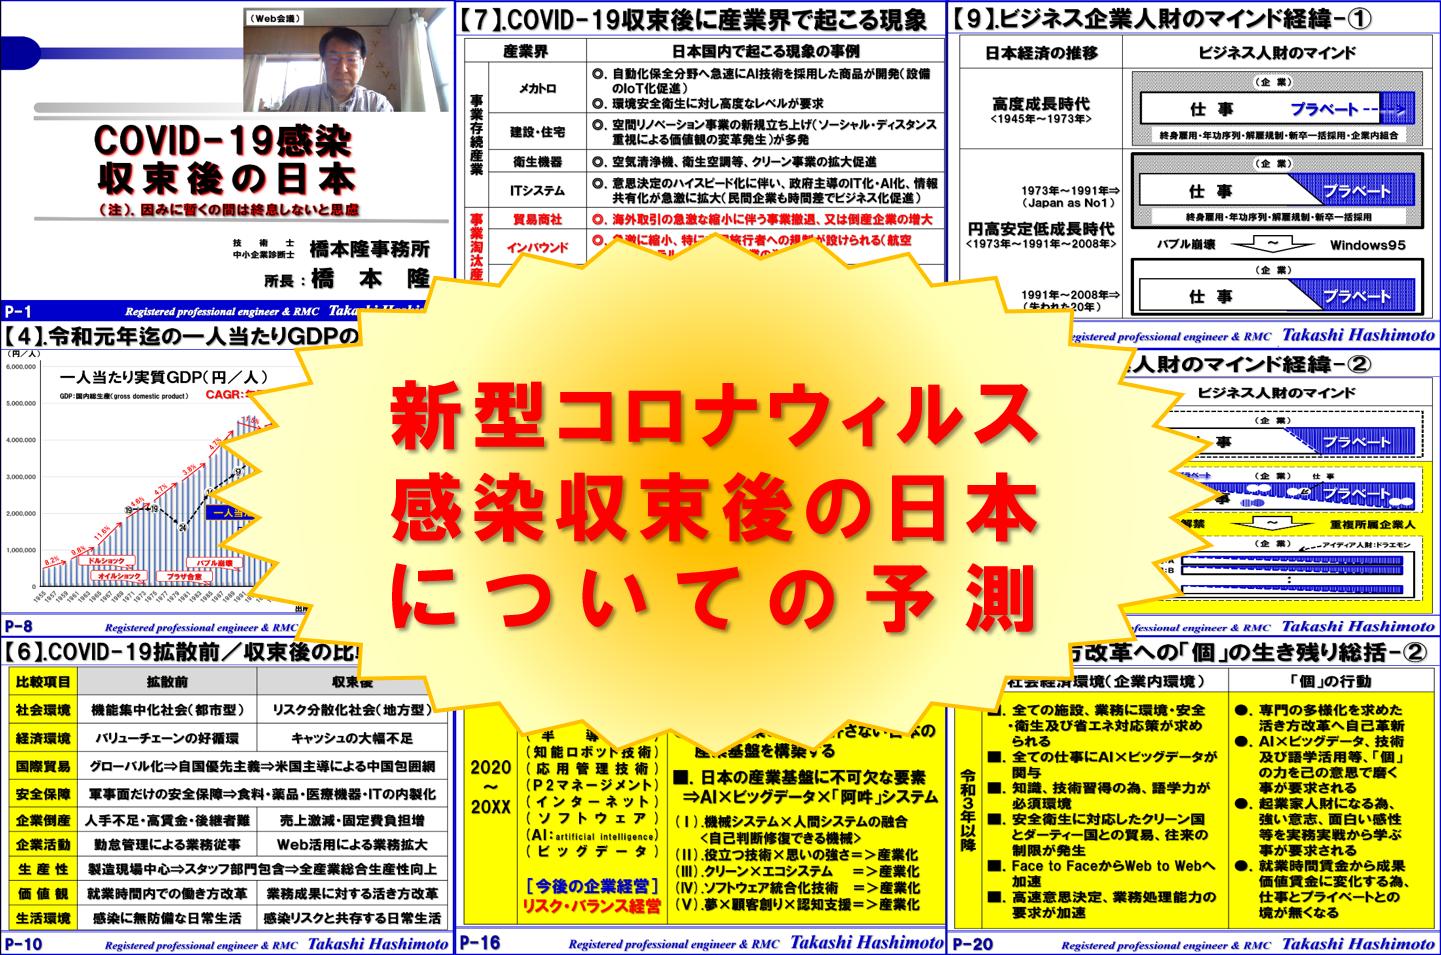 20_05_20_新型コロナウィルス感染収束後の日本についての予測_AA